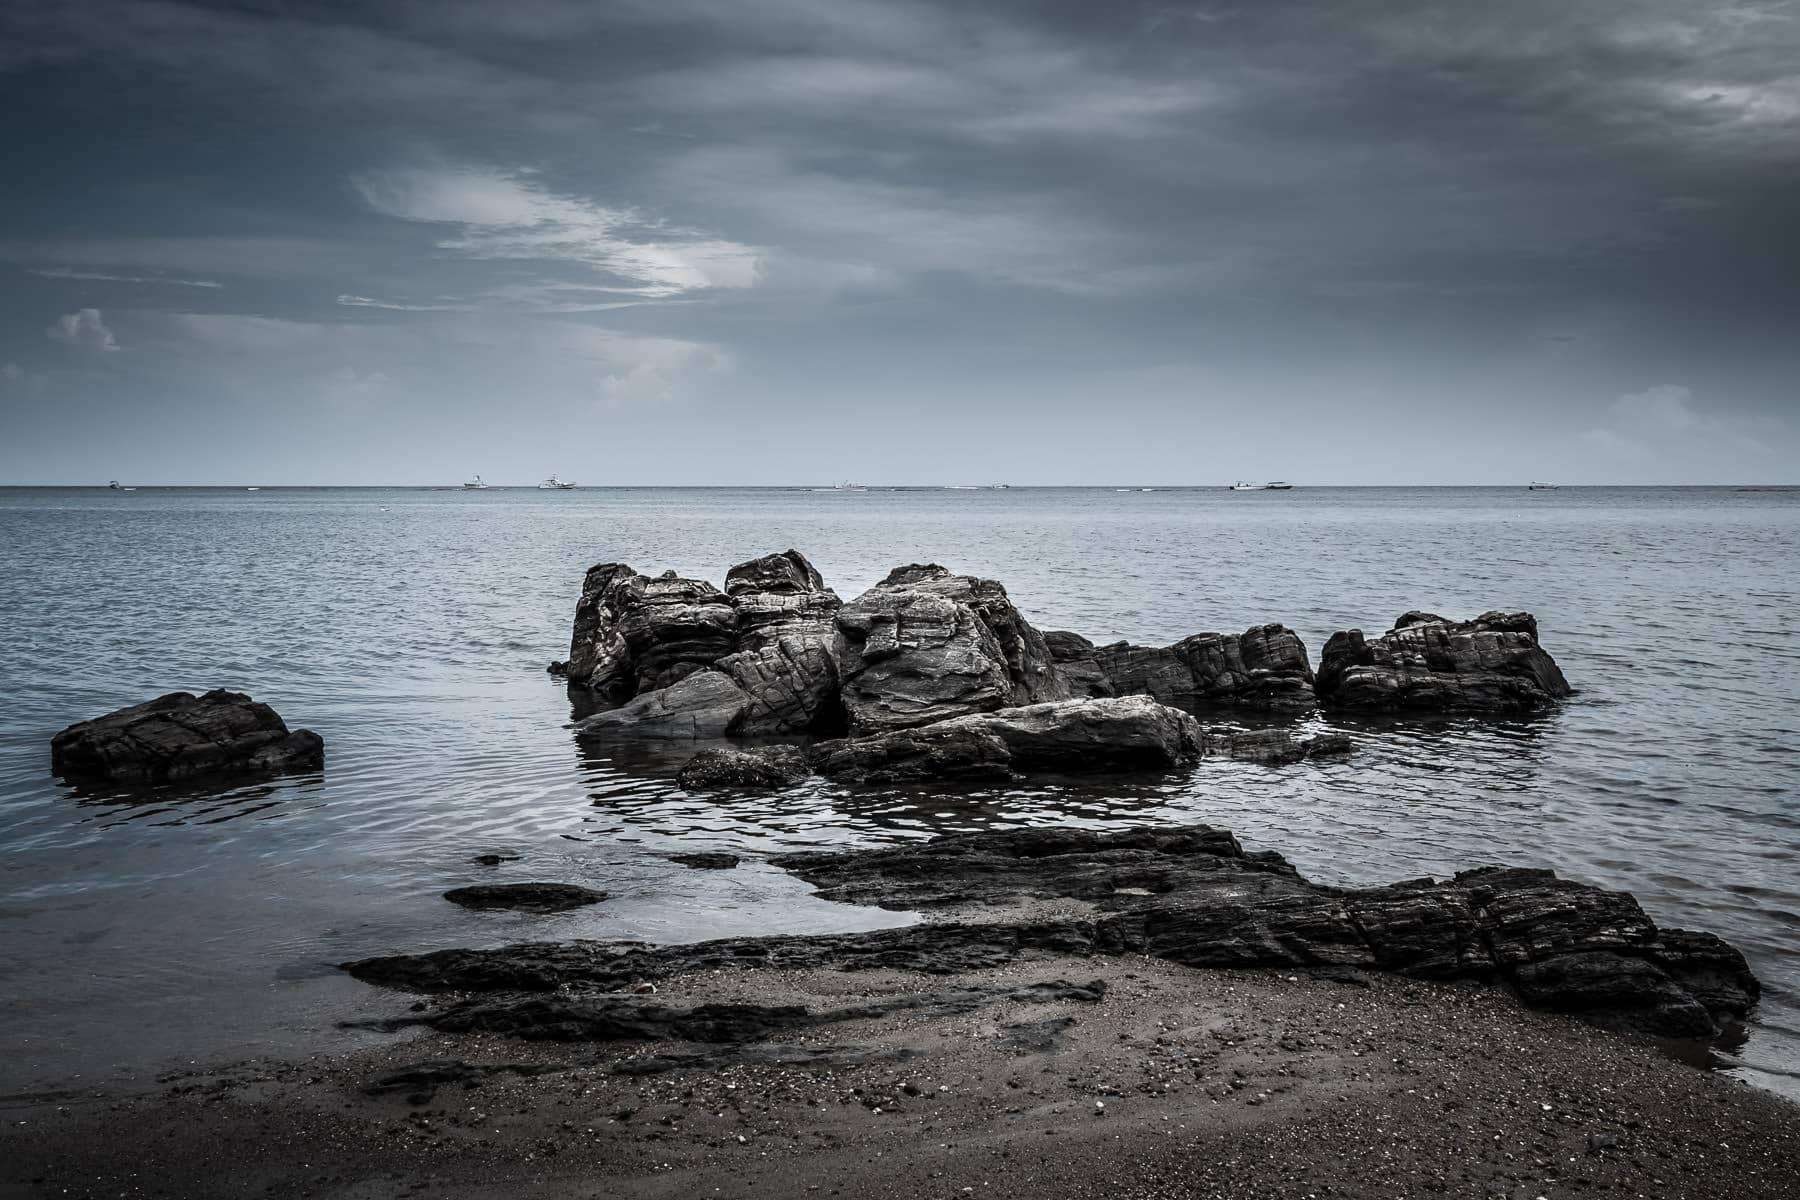 Rocks on the beach at Roatan, Honduras.